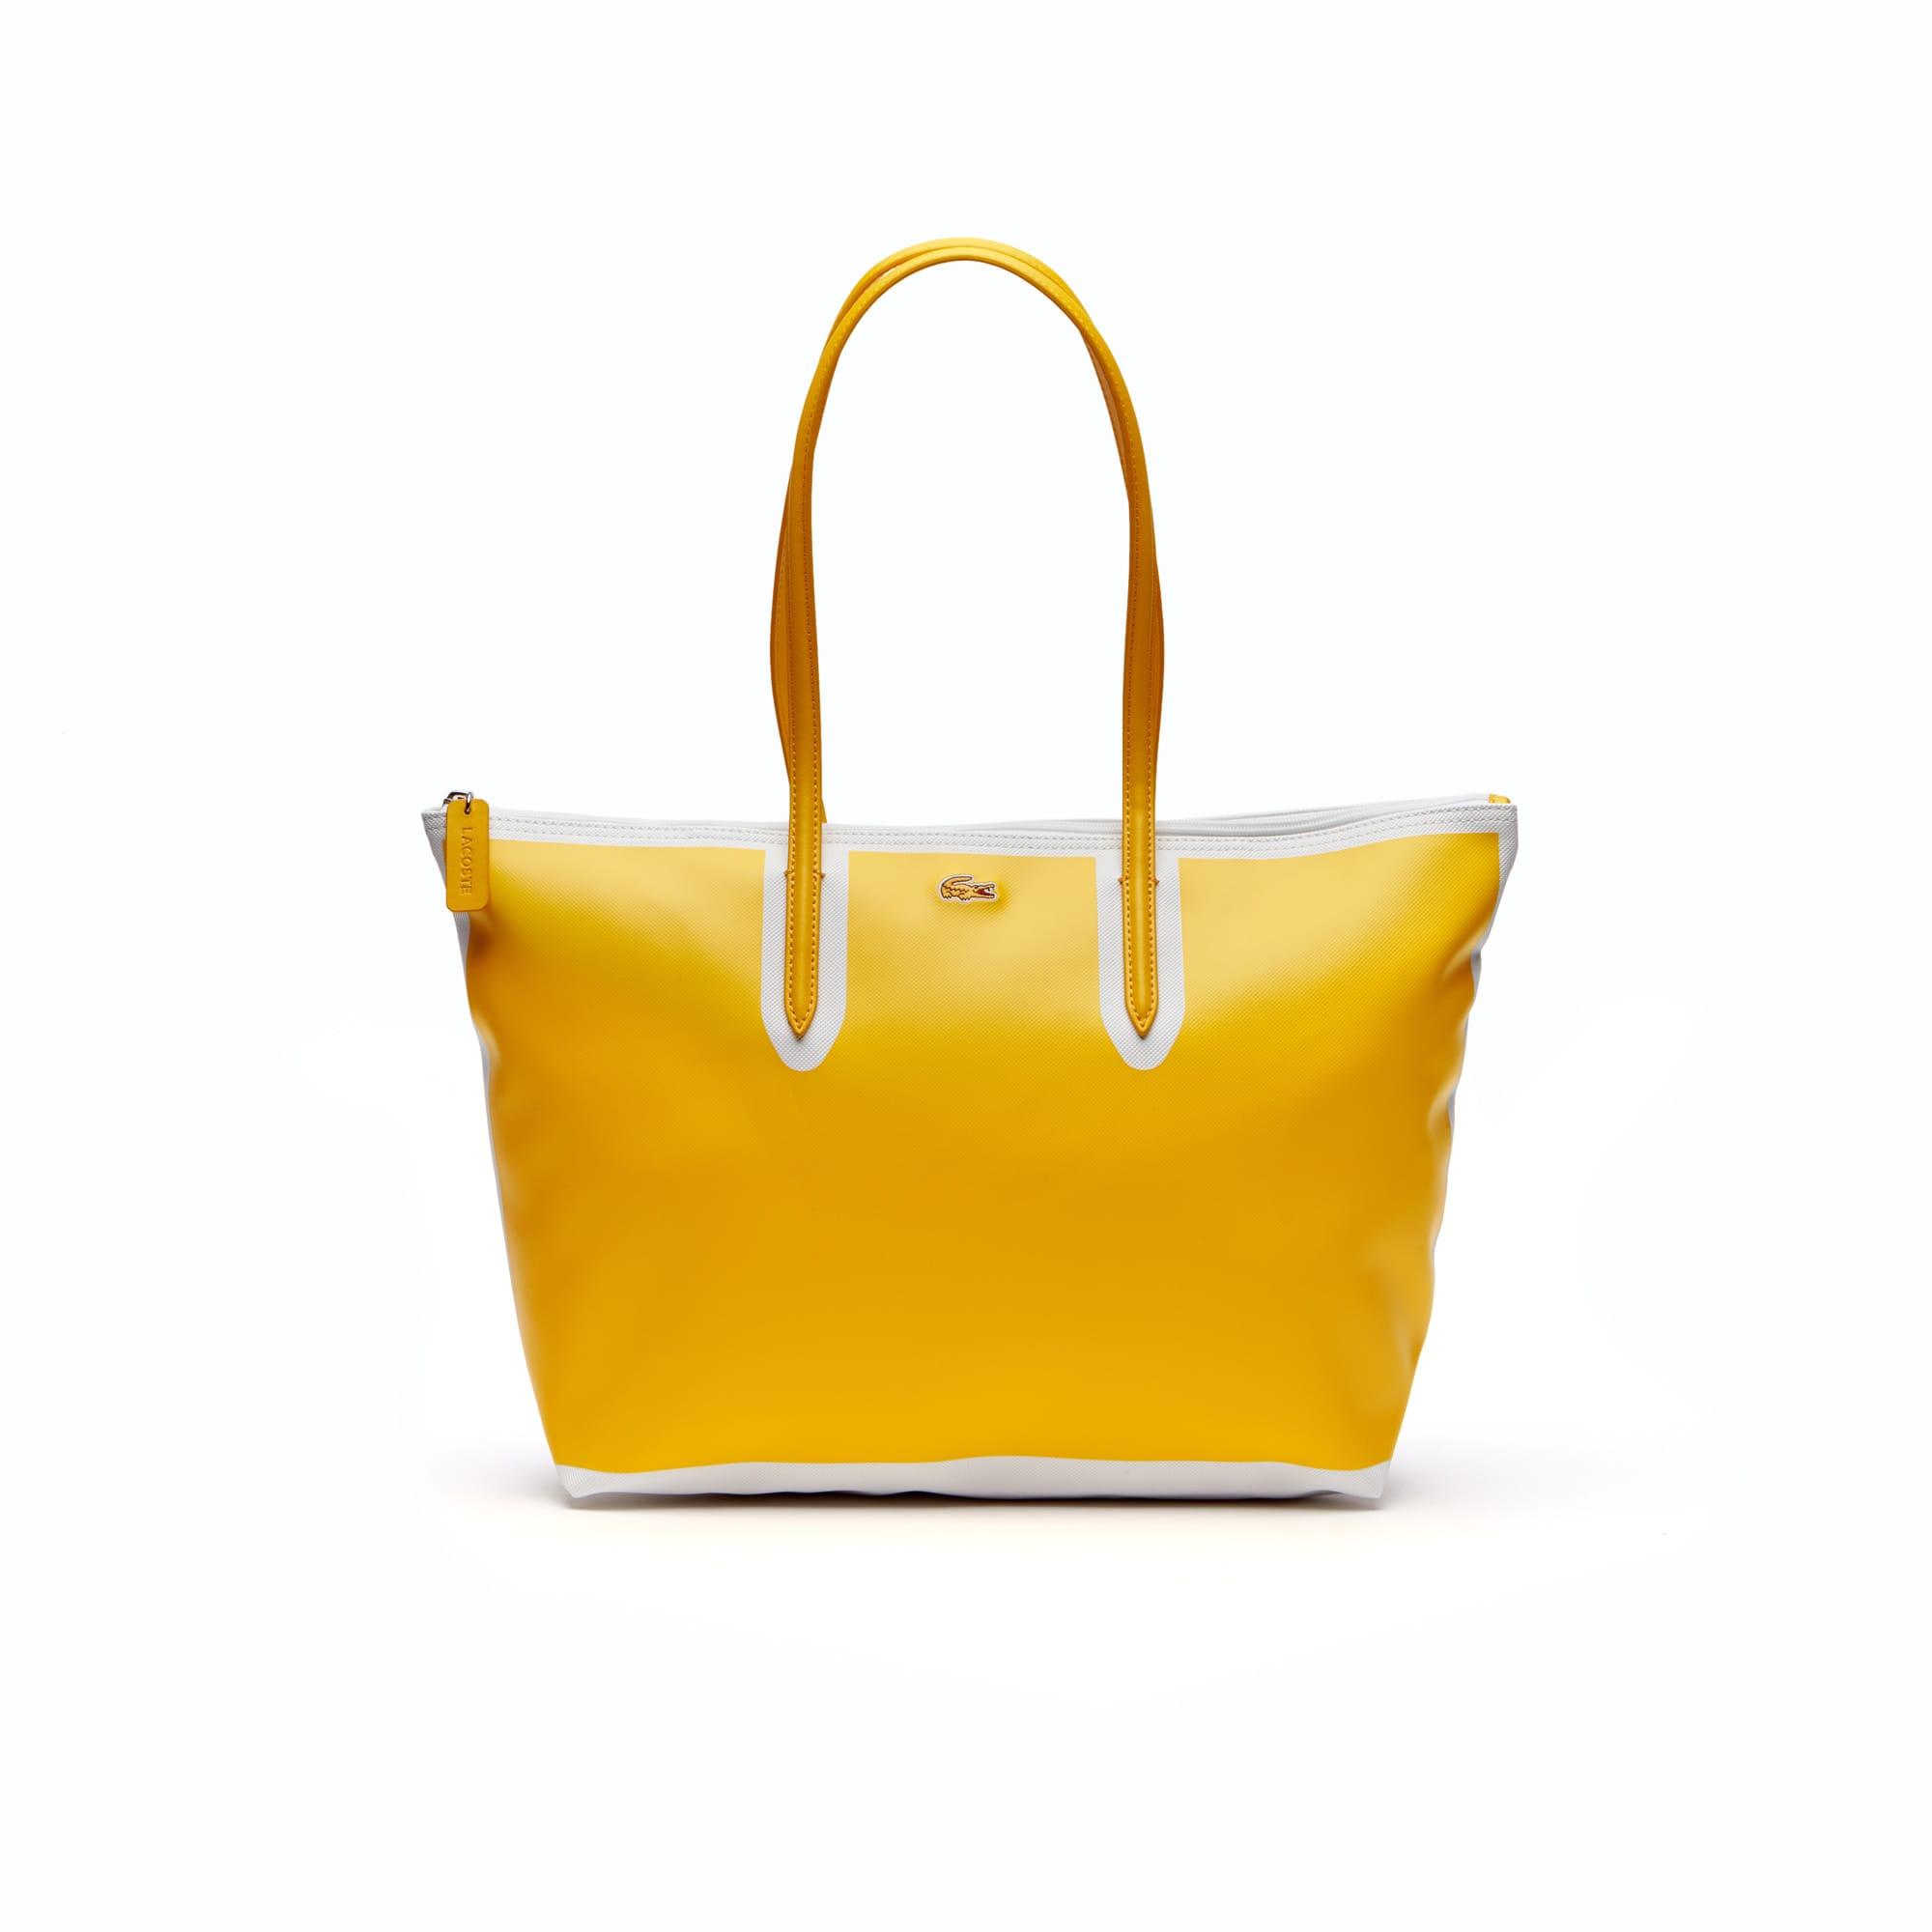 Große Petit Piqué - Damen Tote Bag L.12.12 Concept mit Colorblock